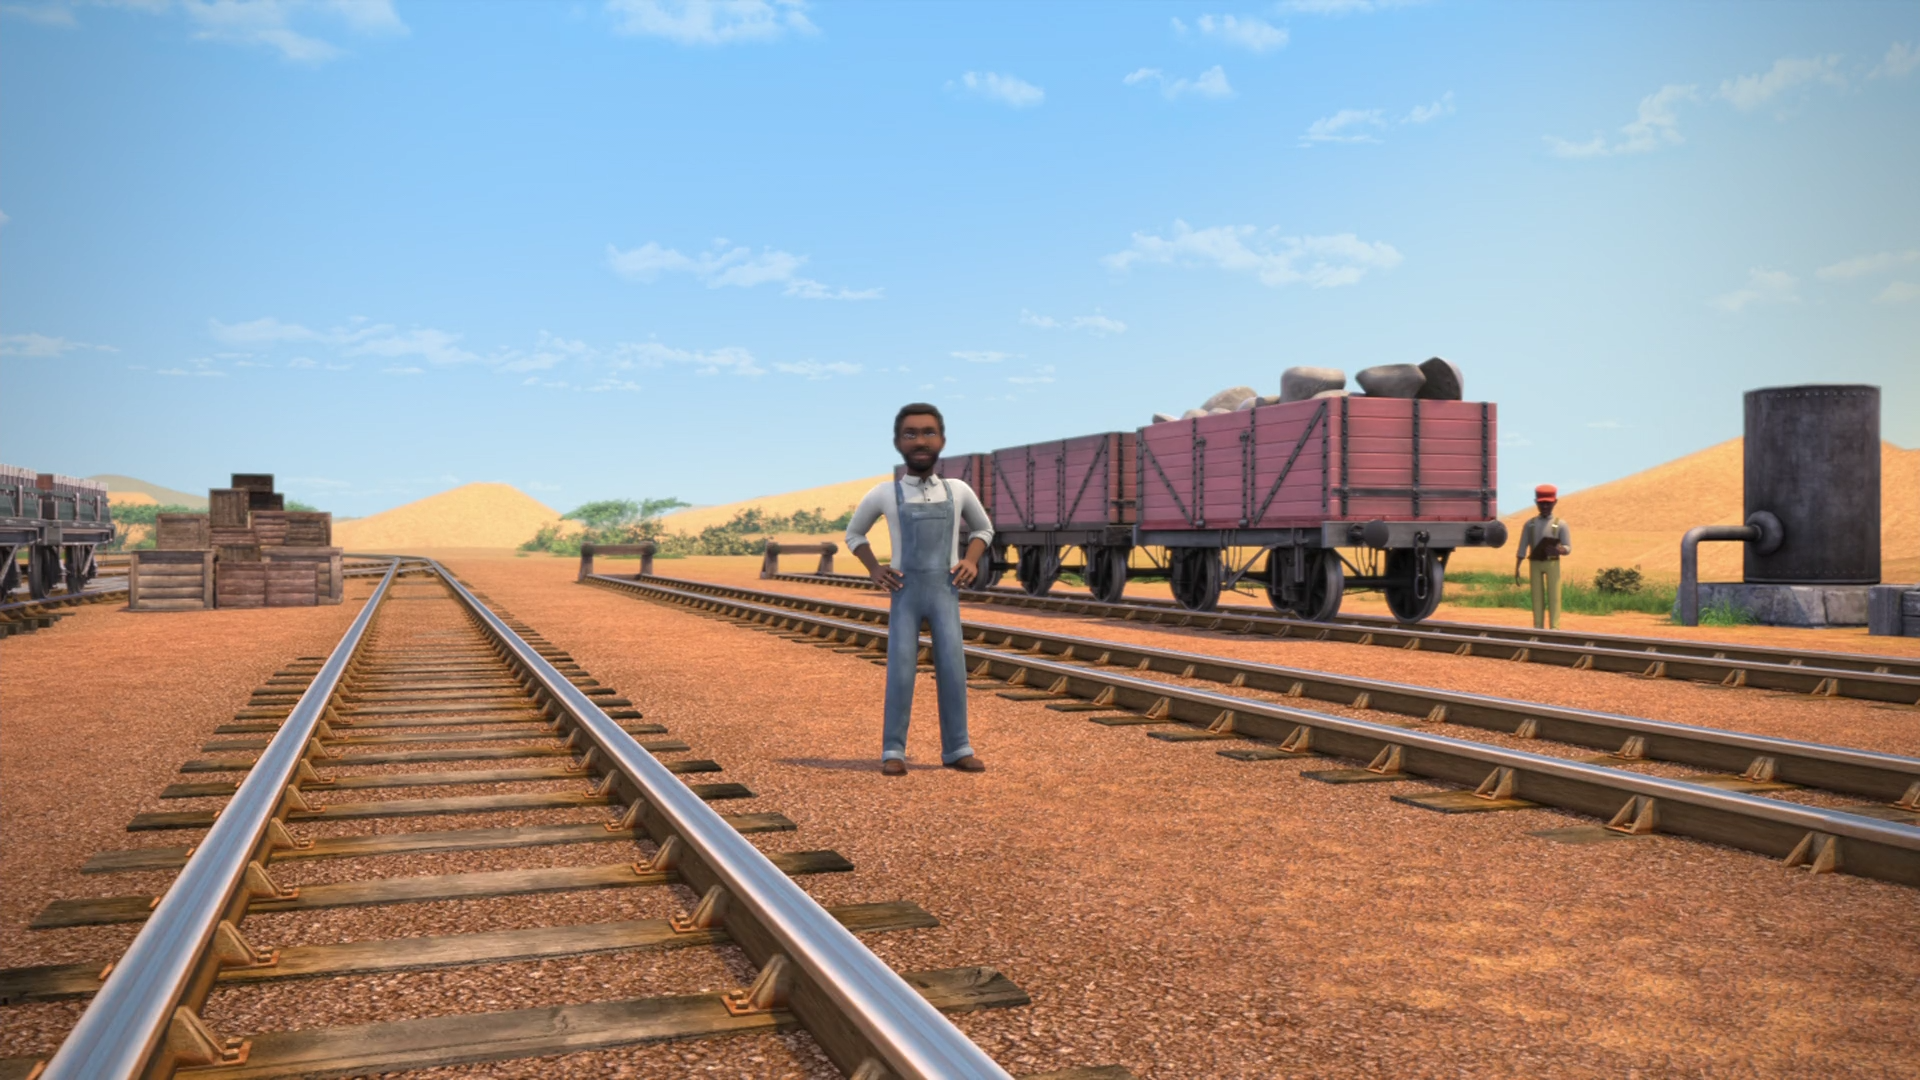 Mauritanian Railway Shunting Yard